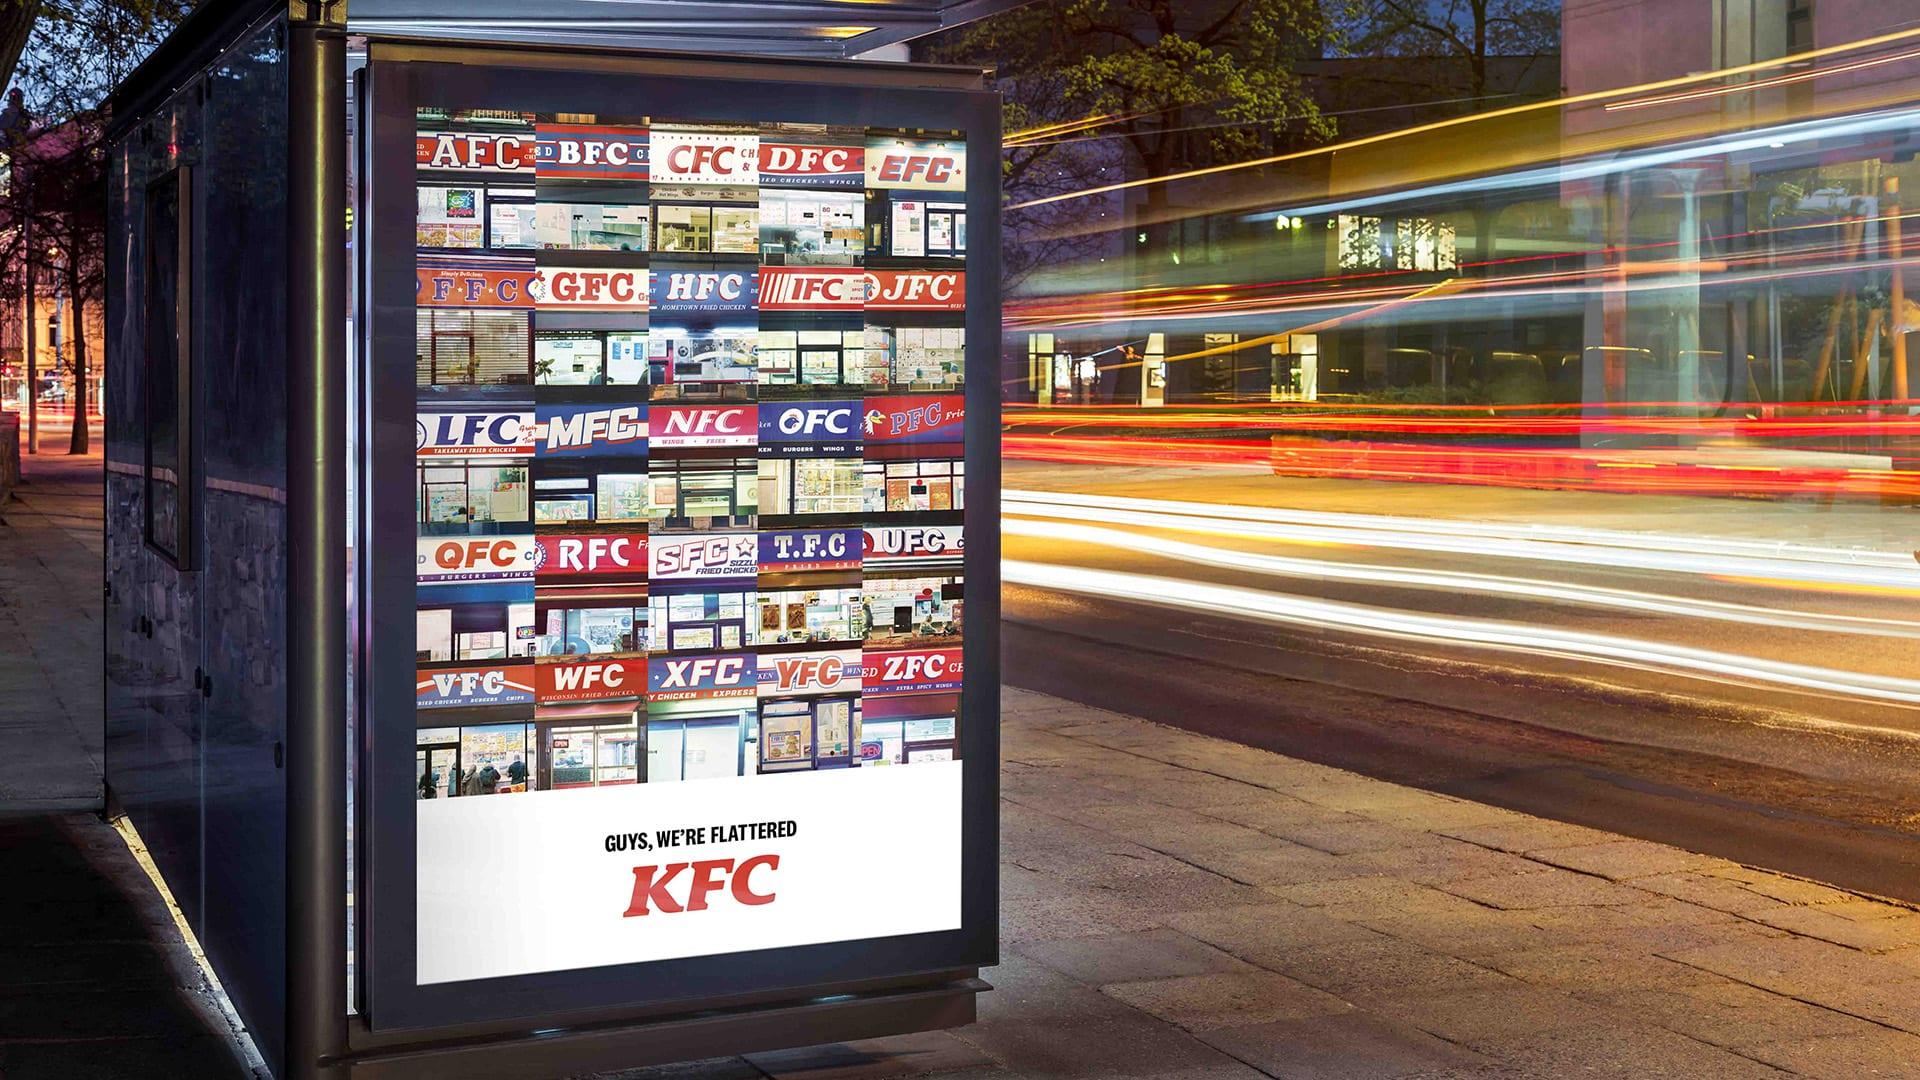 kfc a z 1920 - KFC vnové kampani děkuje svým imitátorům od AFC až po ZFC